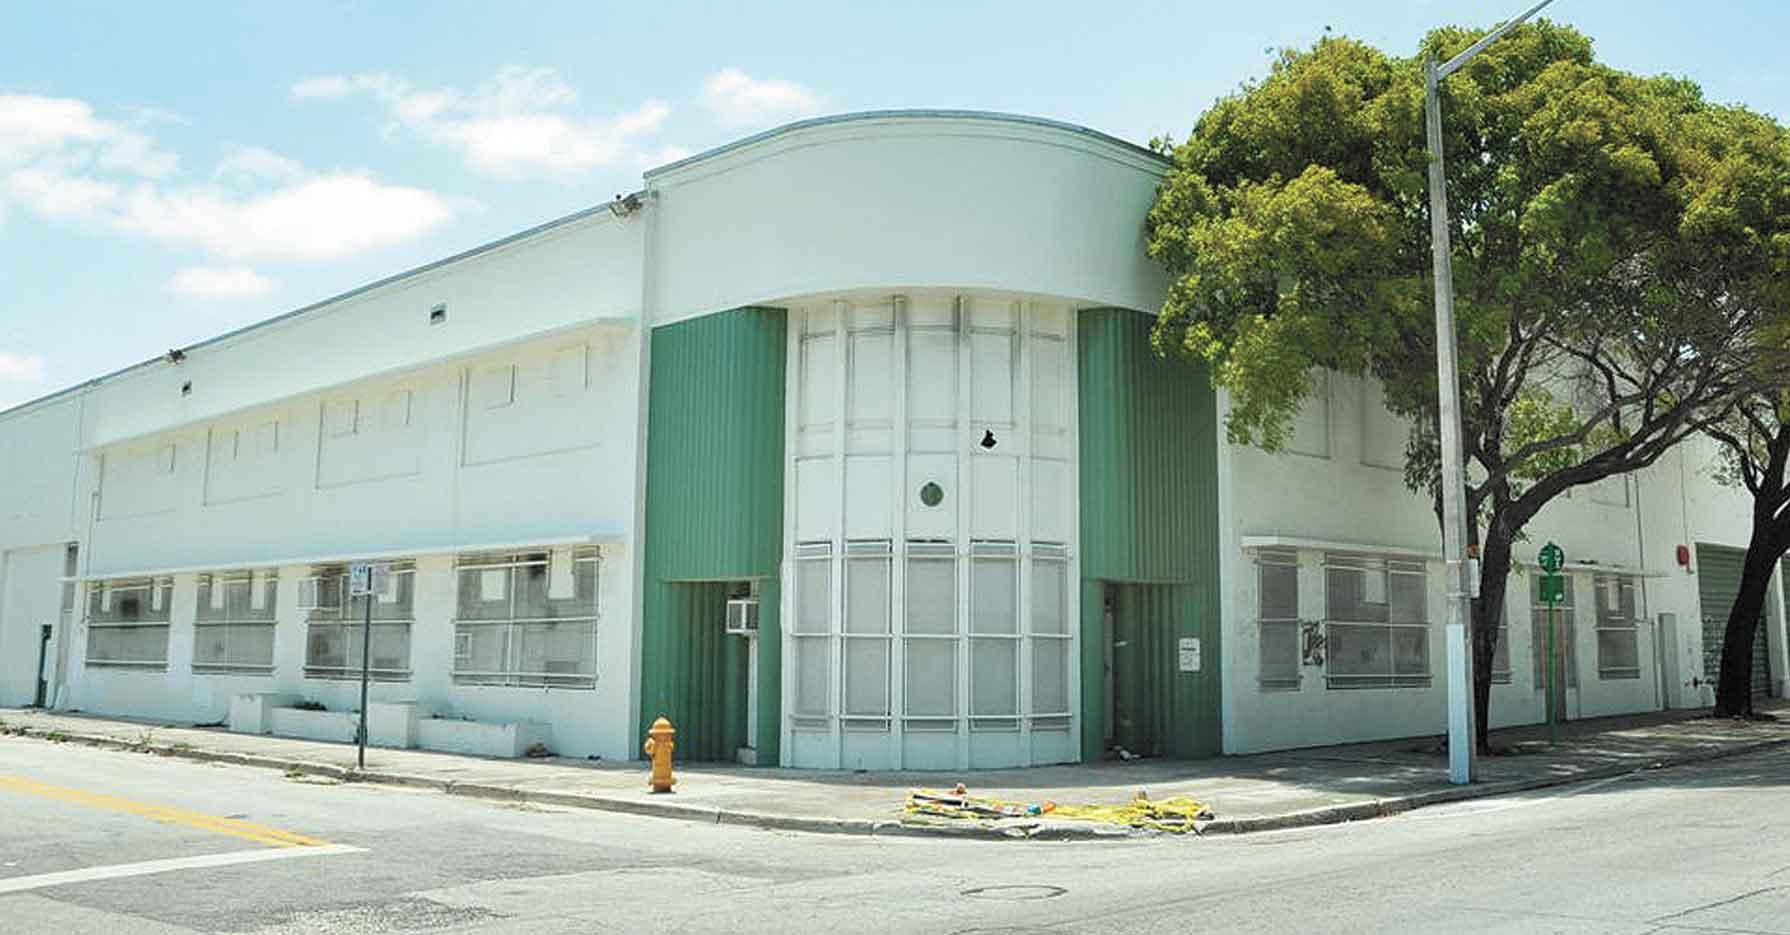 Miami movie studio complex delayed